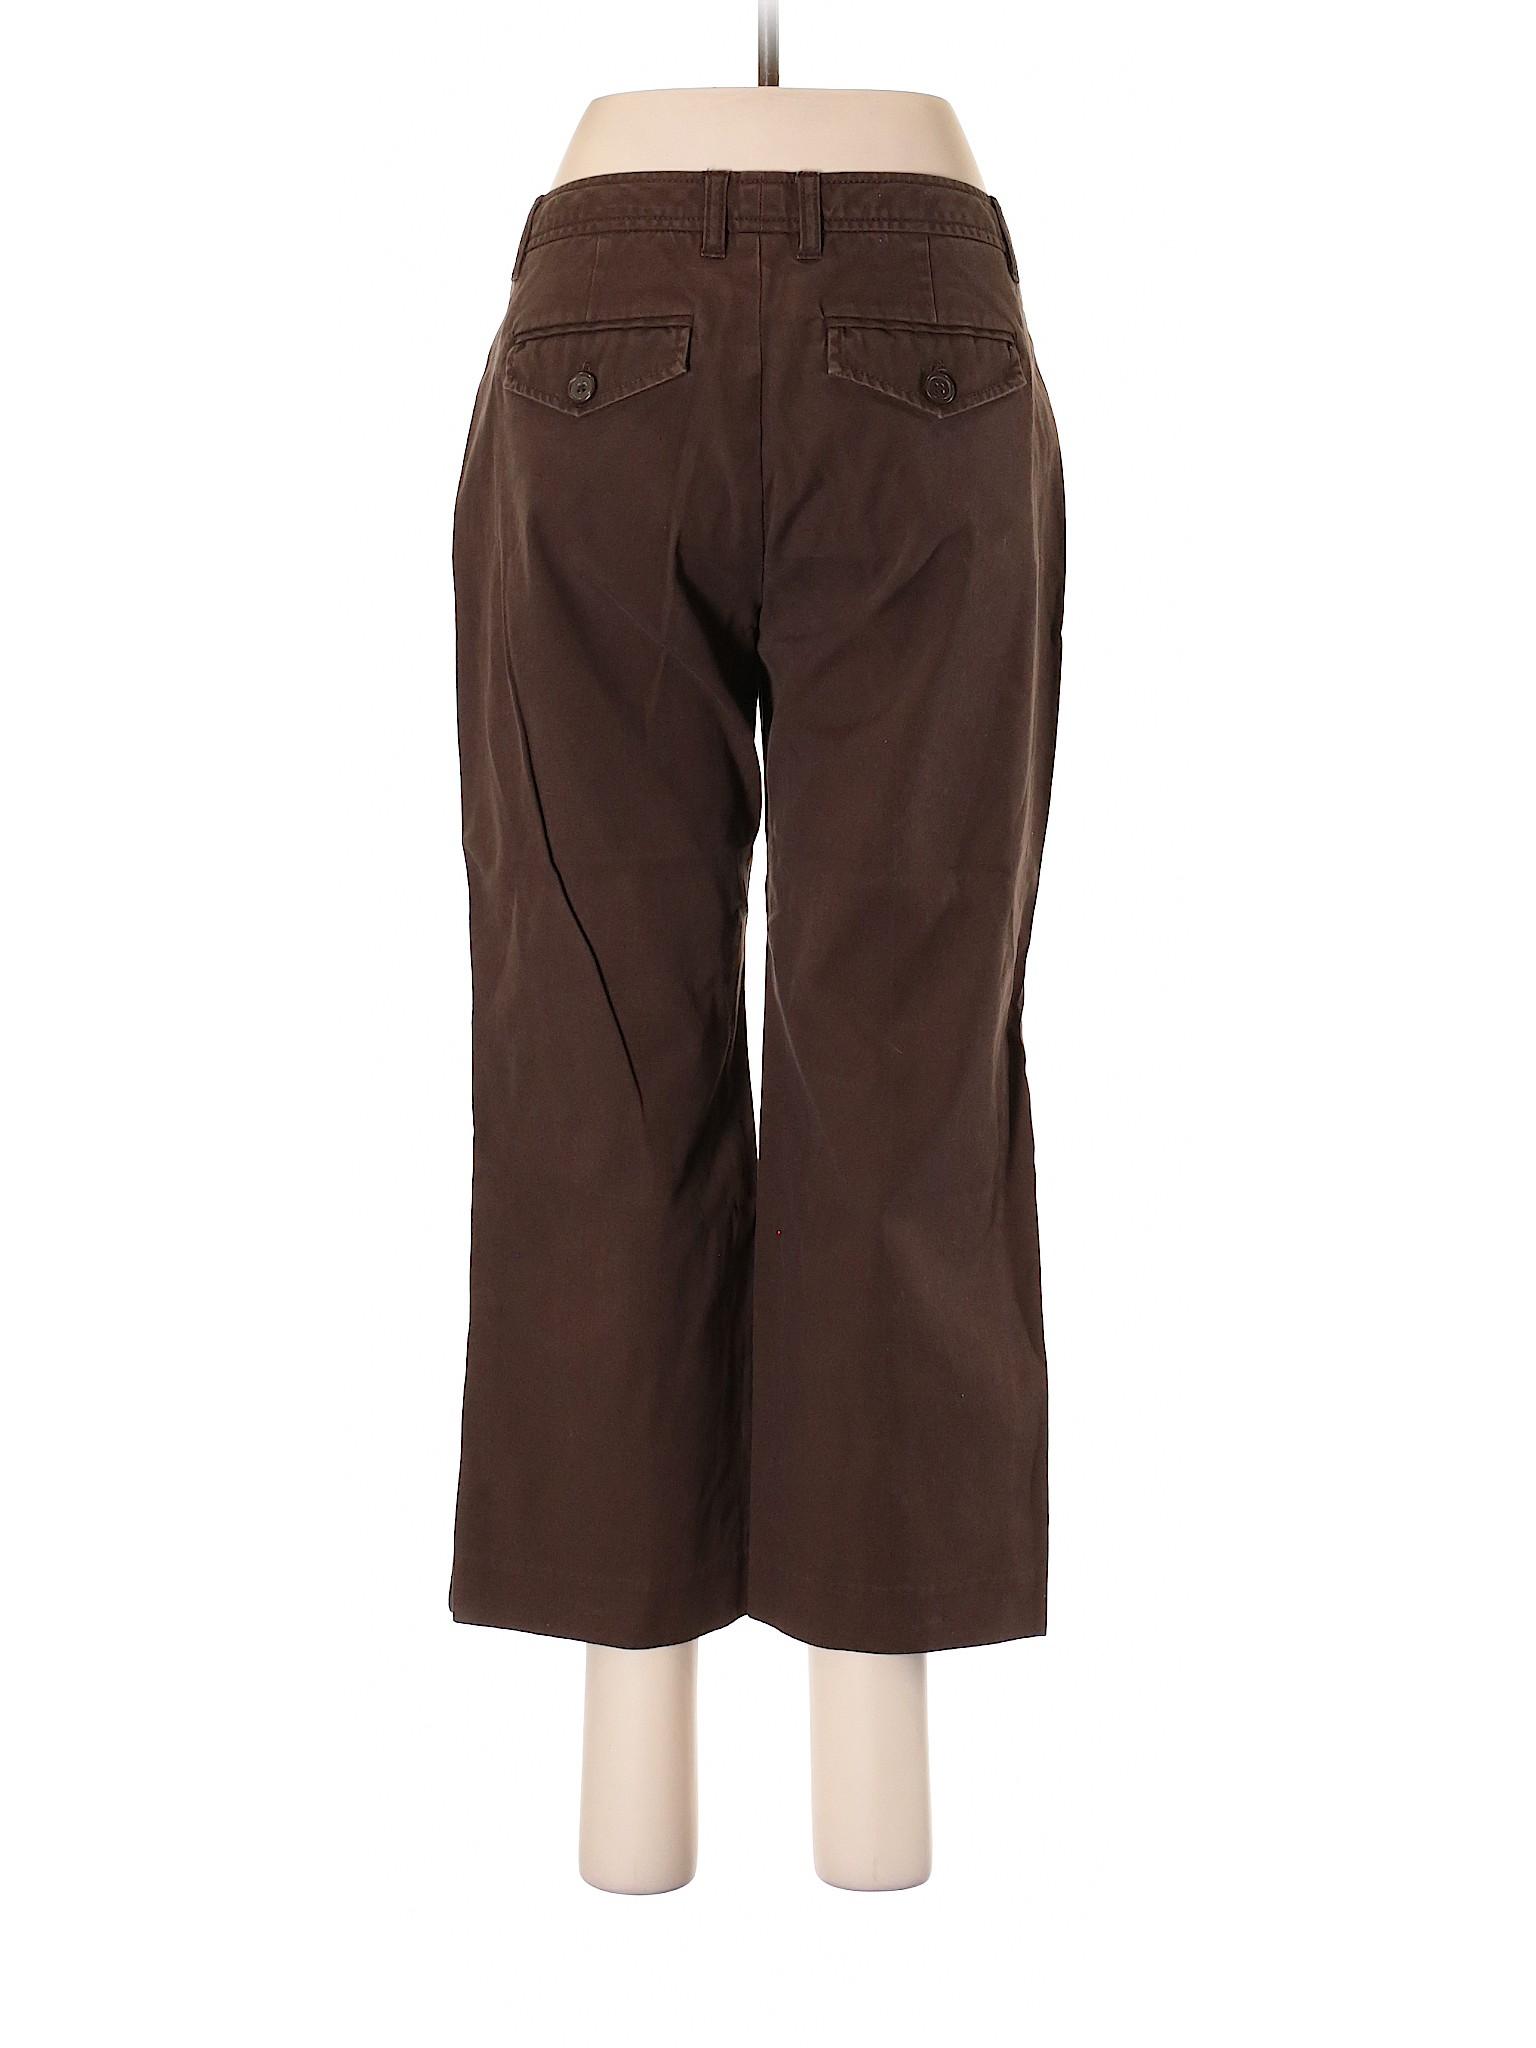 Gap winter Pants Dress Gap Boutique Dress Pants Boutique winter S4UaH1qw